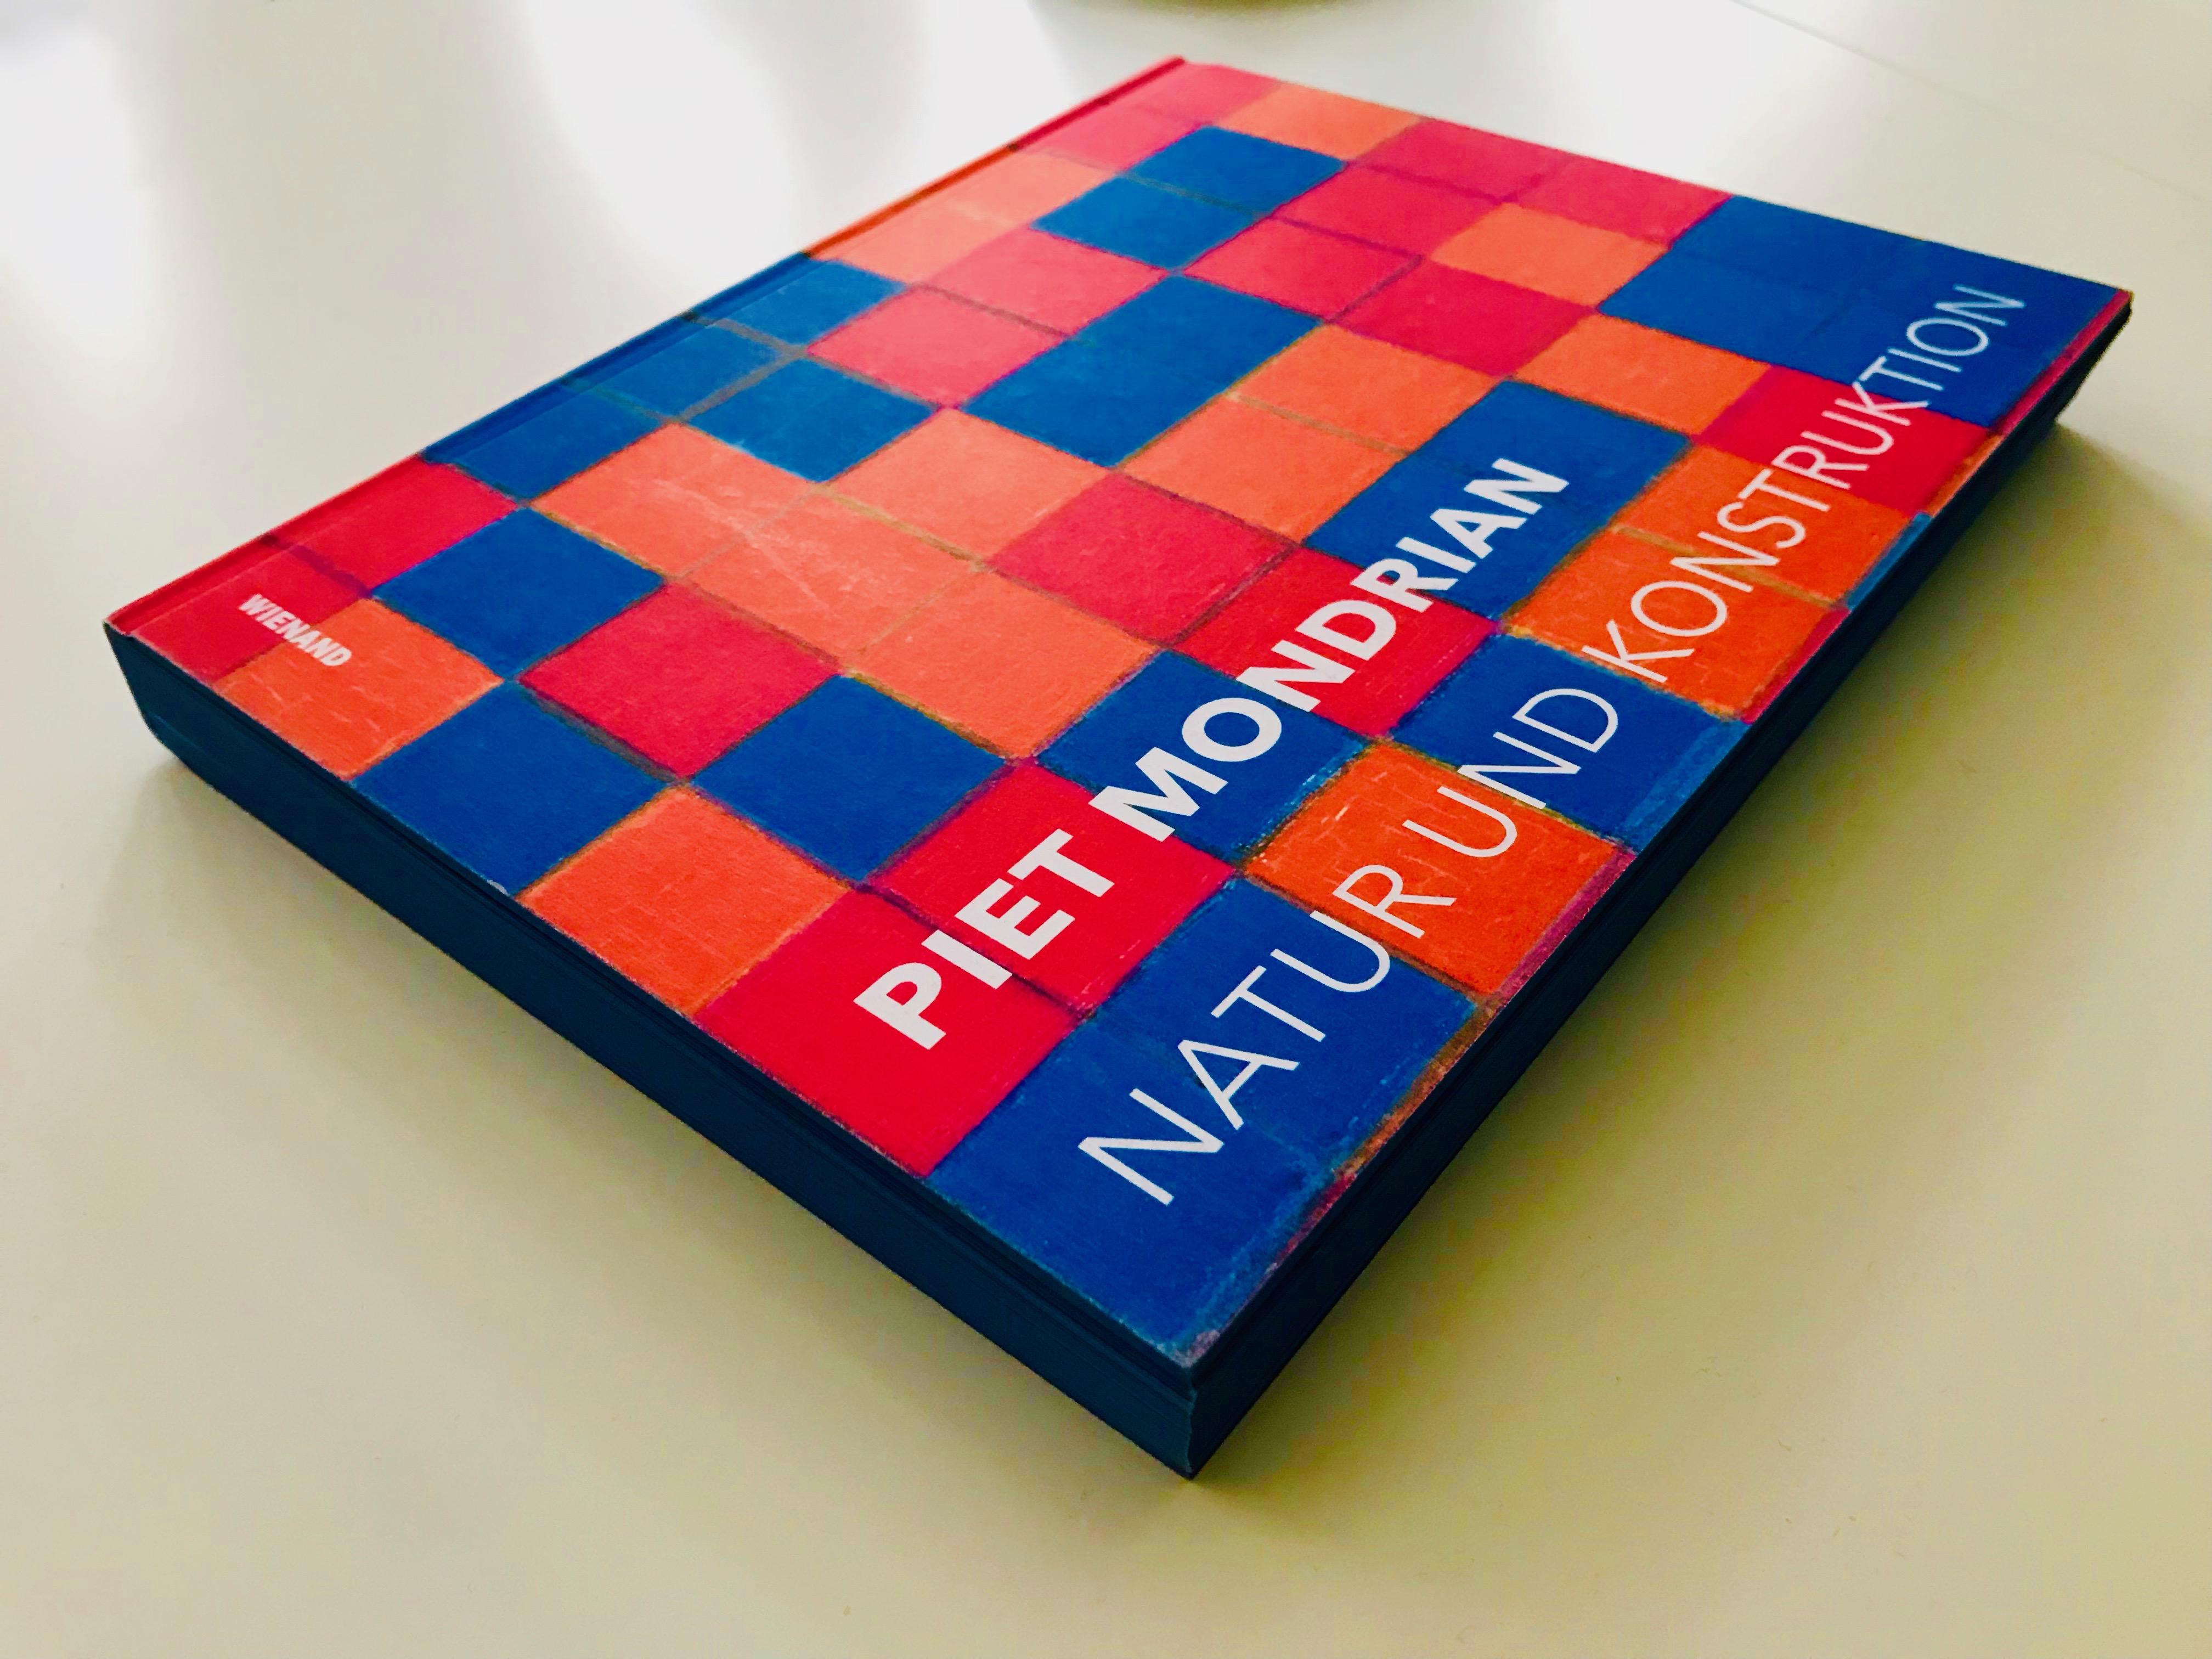 Piet Mondrian: Natur und Konstruktion